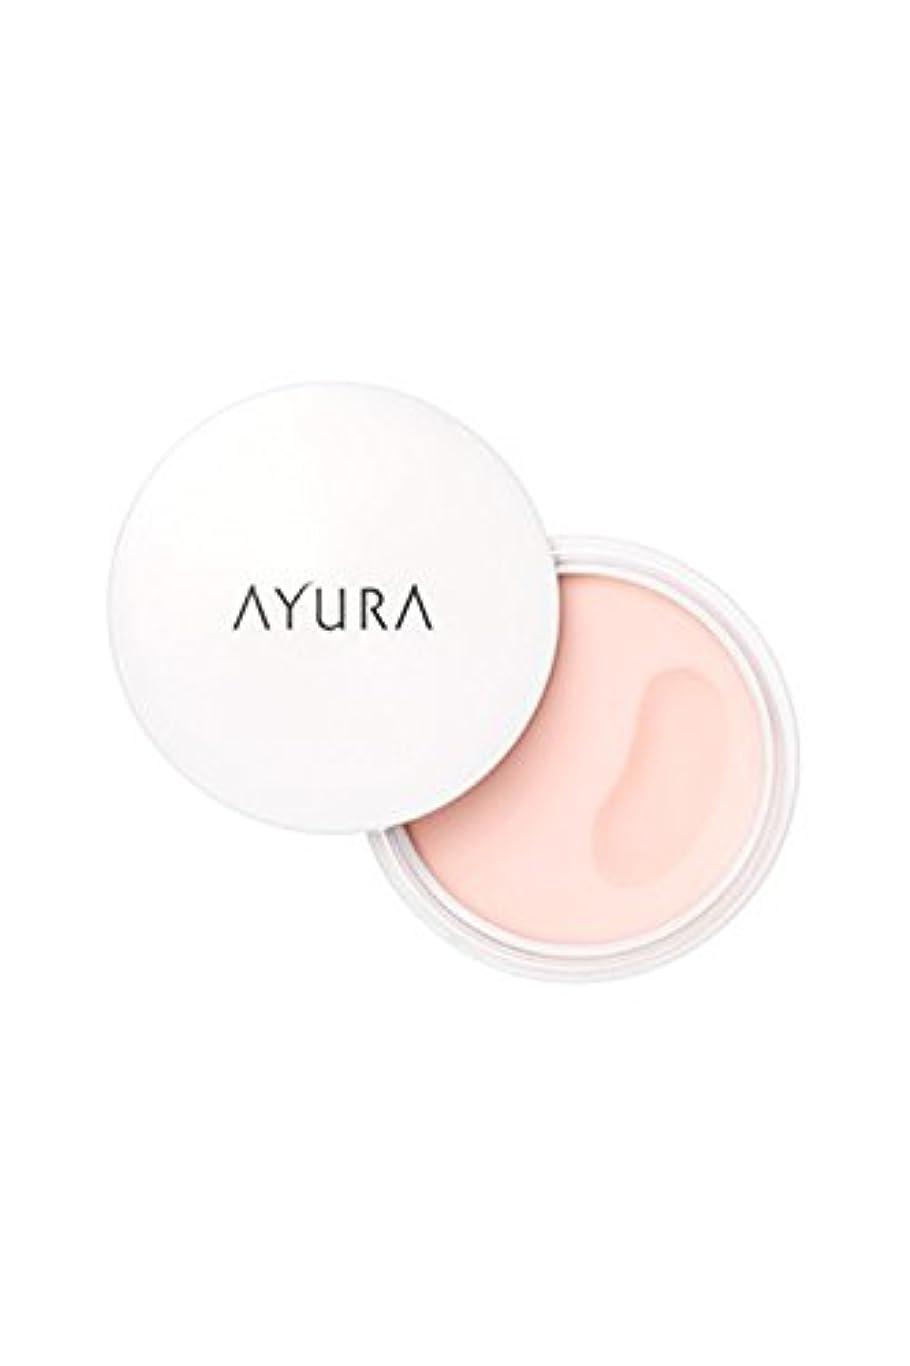 アユーラ (AYURA) オイルシャットデイセラム < 朝用練り美容液 > 10g 毛穴 化粧くずれ対策練り美容液